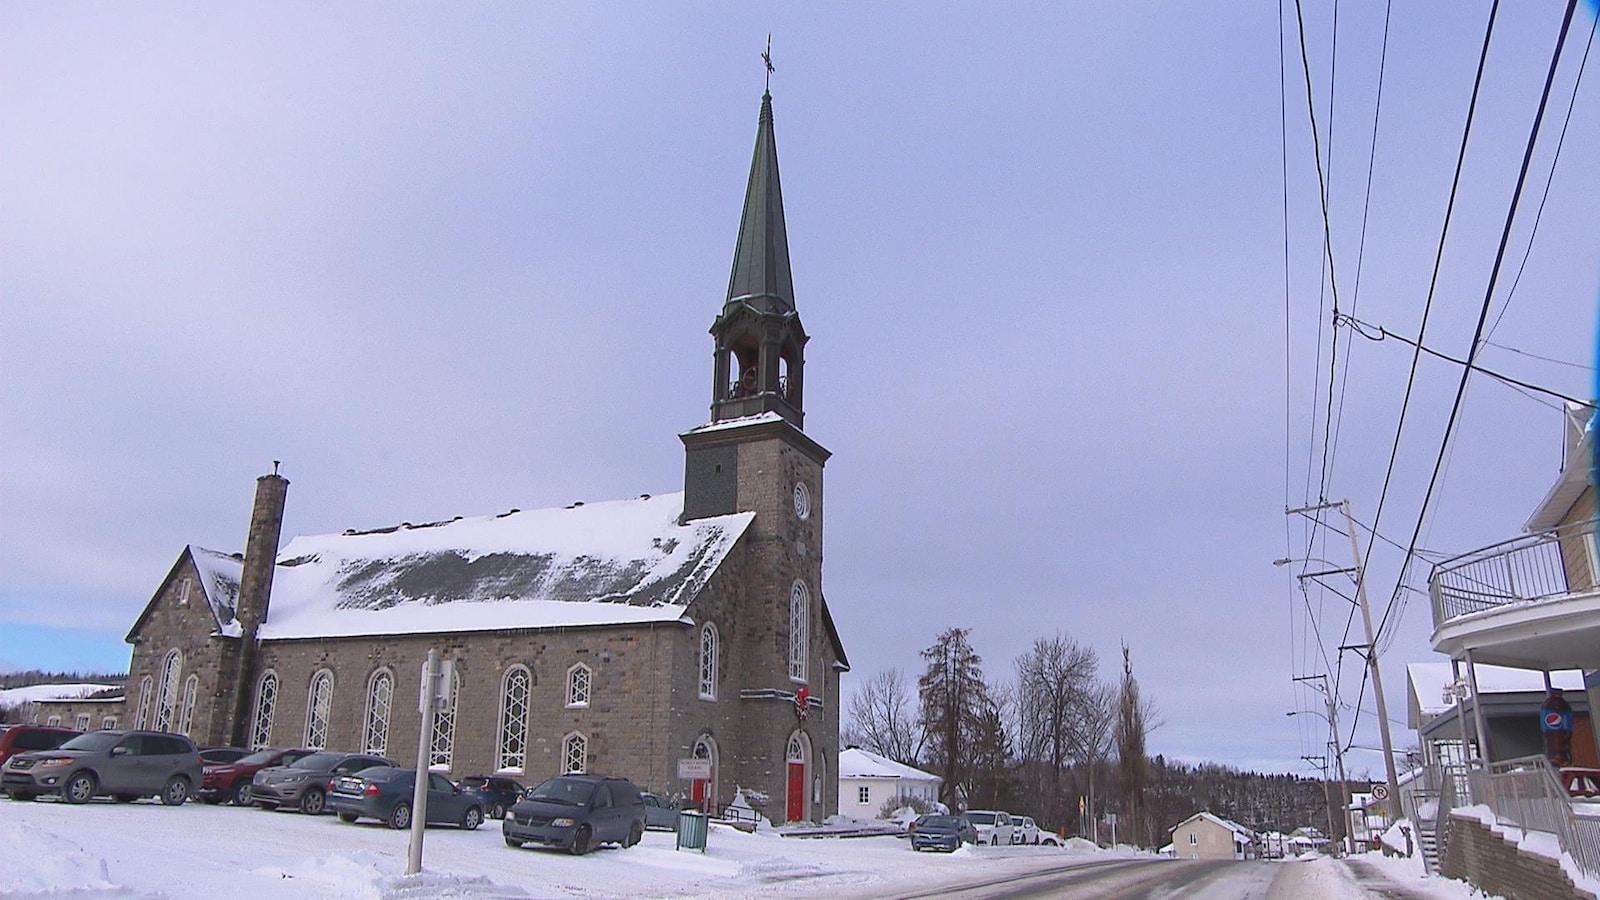 L'extérieur de l'église Sainte-Blandine en hiver